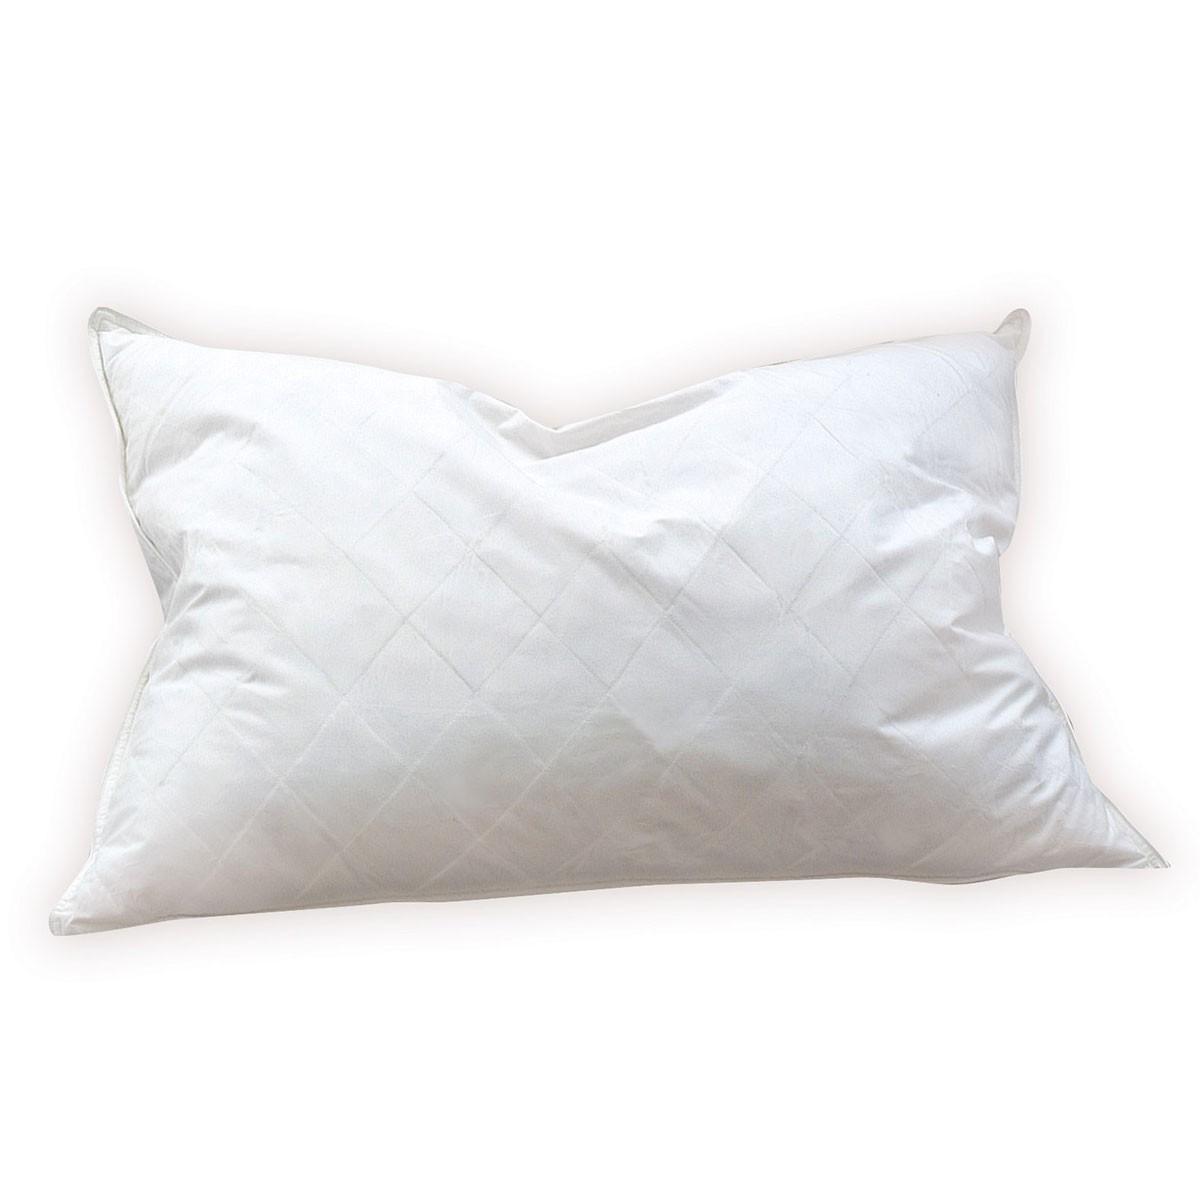 Μαξιλάρι Ύπνου Πουπουλένιο Rythmos 90/10 60369